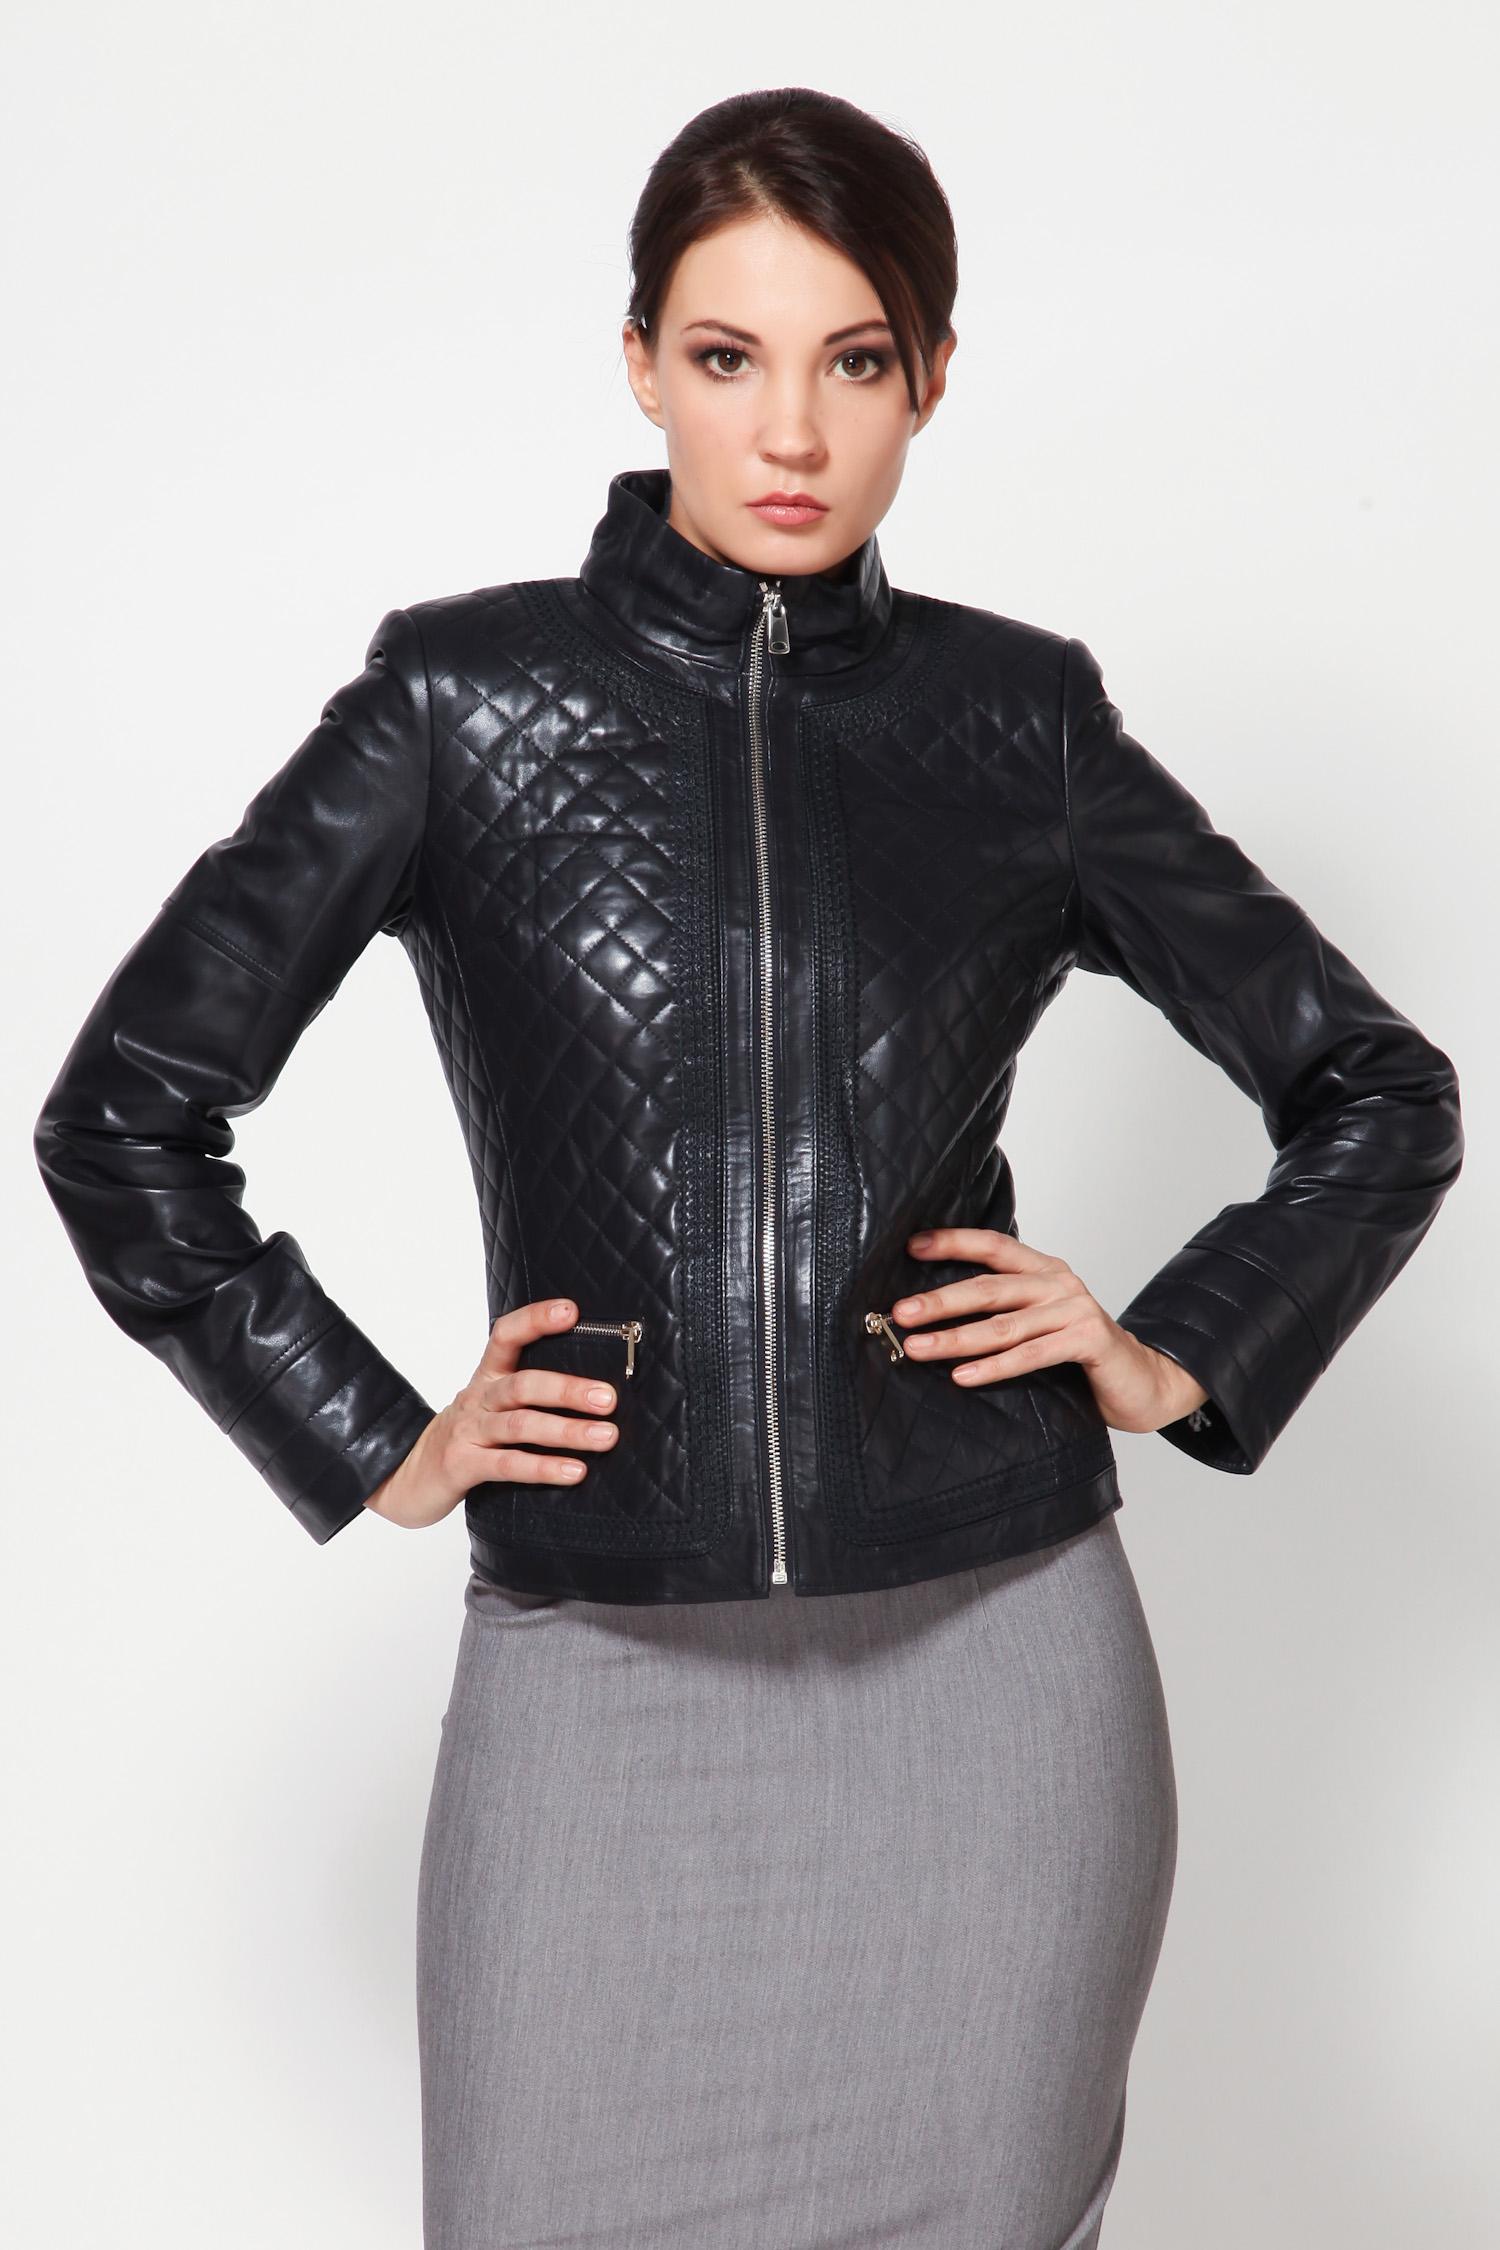 Женская кожаная куртка из натуральной кожи с воротником, без отделкиВыбирайте свой стиль, молодежный, интересный и креативный. Куртка замечательного исполнения, несомненно подчеркнет все Ваши достоинсва.<br><br>Превосходная куртка, которая выполнена из натуральной кожи. Модель с застежкой на молнию снабжена воротником-стойкой и функциональными карманами на замке.<br><br>Отличный и очень удобный вариант для демисезонного периода! Что еще нужно модницам?!<br><br>Воротник: Стойка<br>Длина см: 55<br>Цвет: Синий<br>Пол: Женский